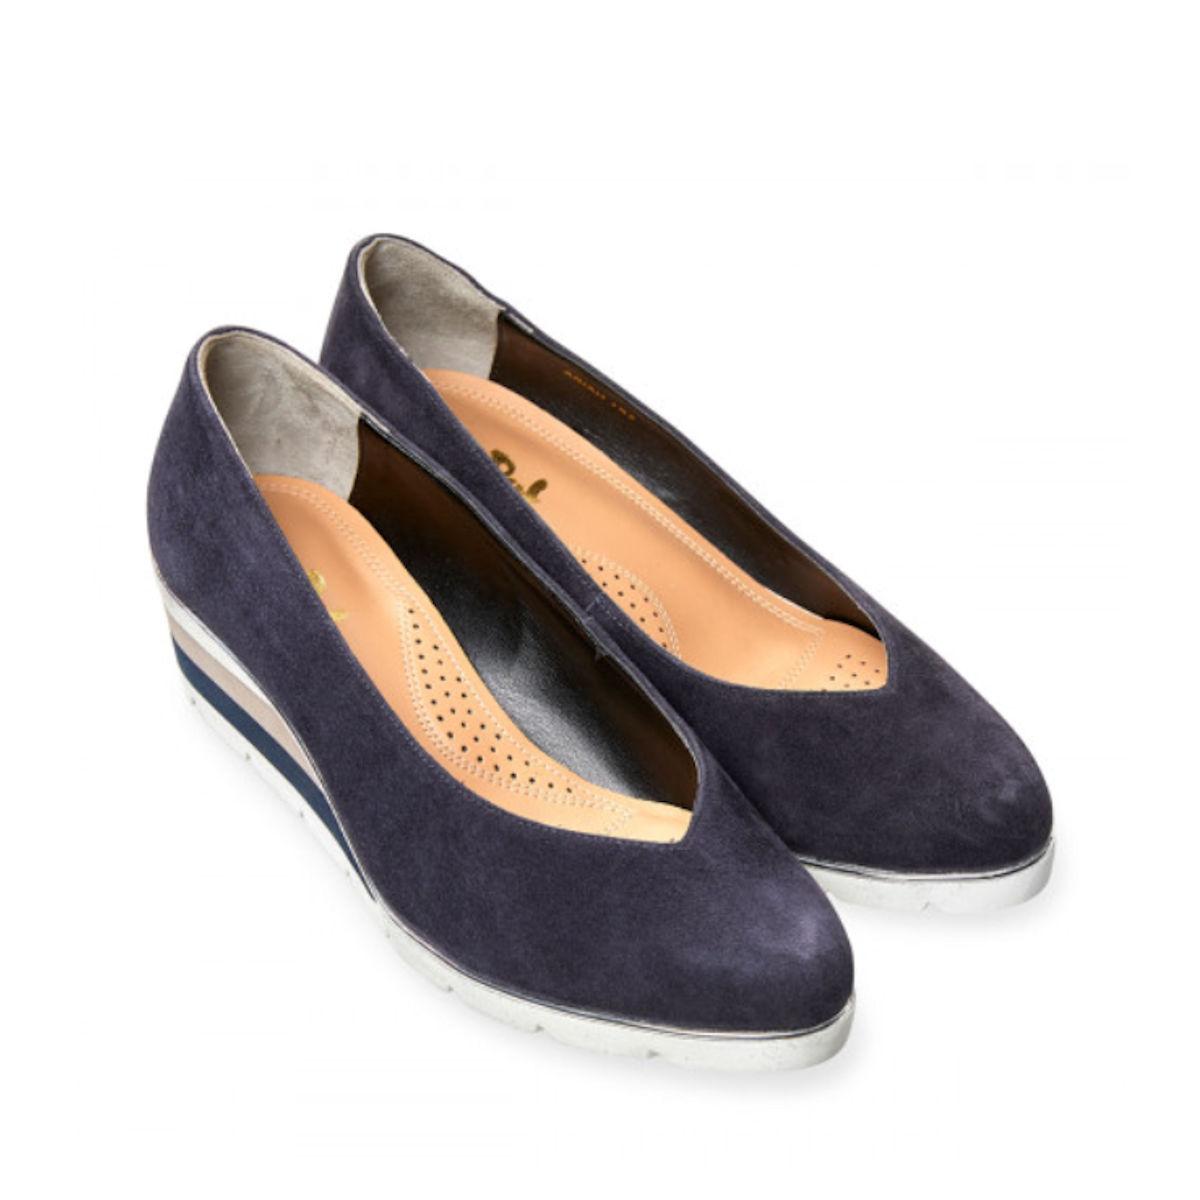 Van Dal Ariah Midnight Summer Suede Wedge Shoes